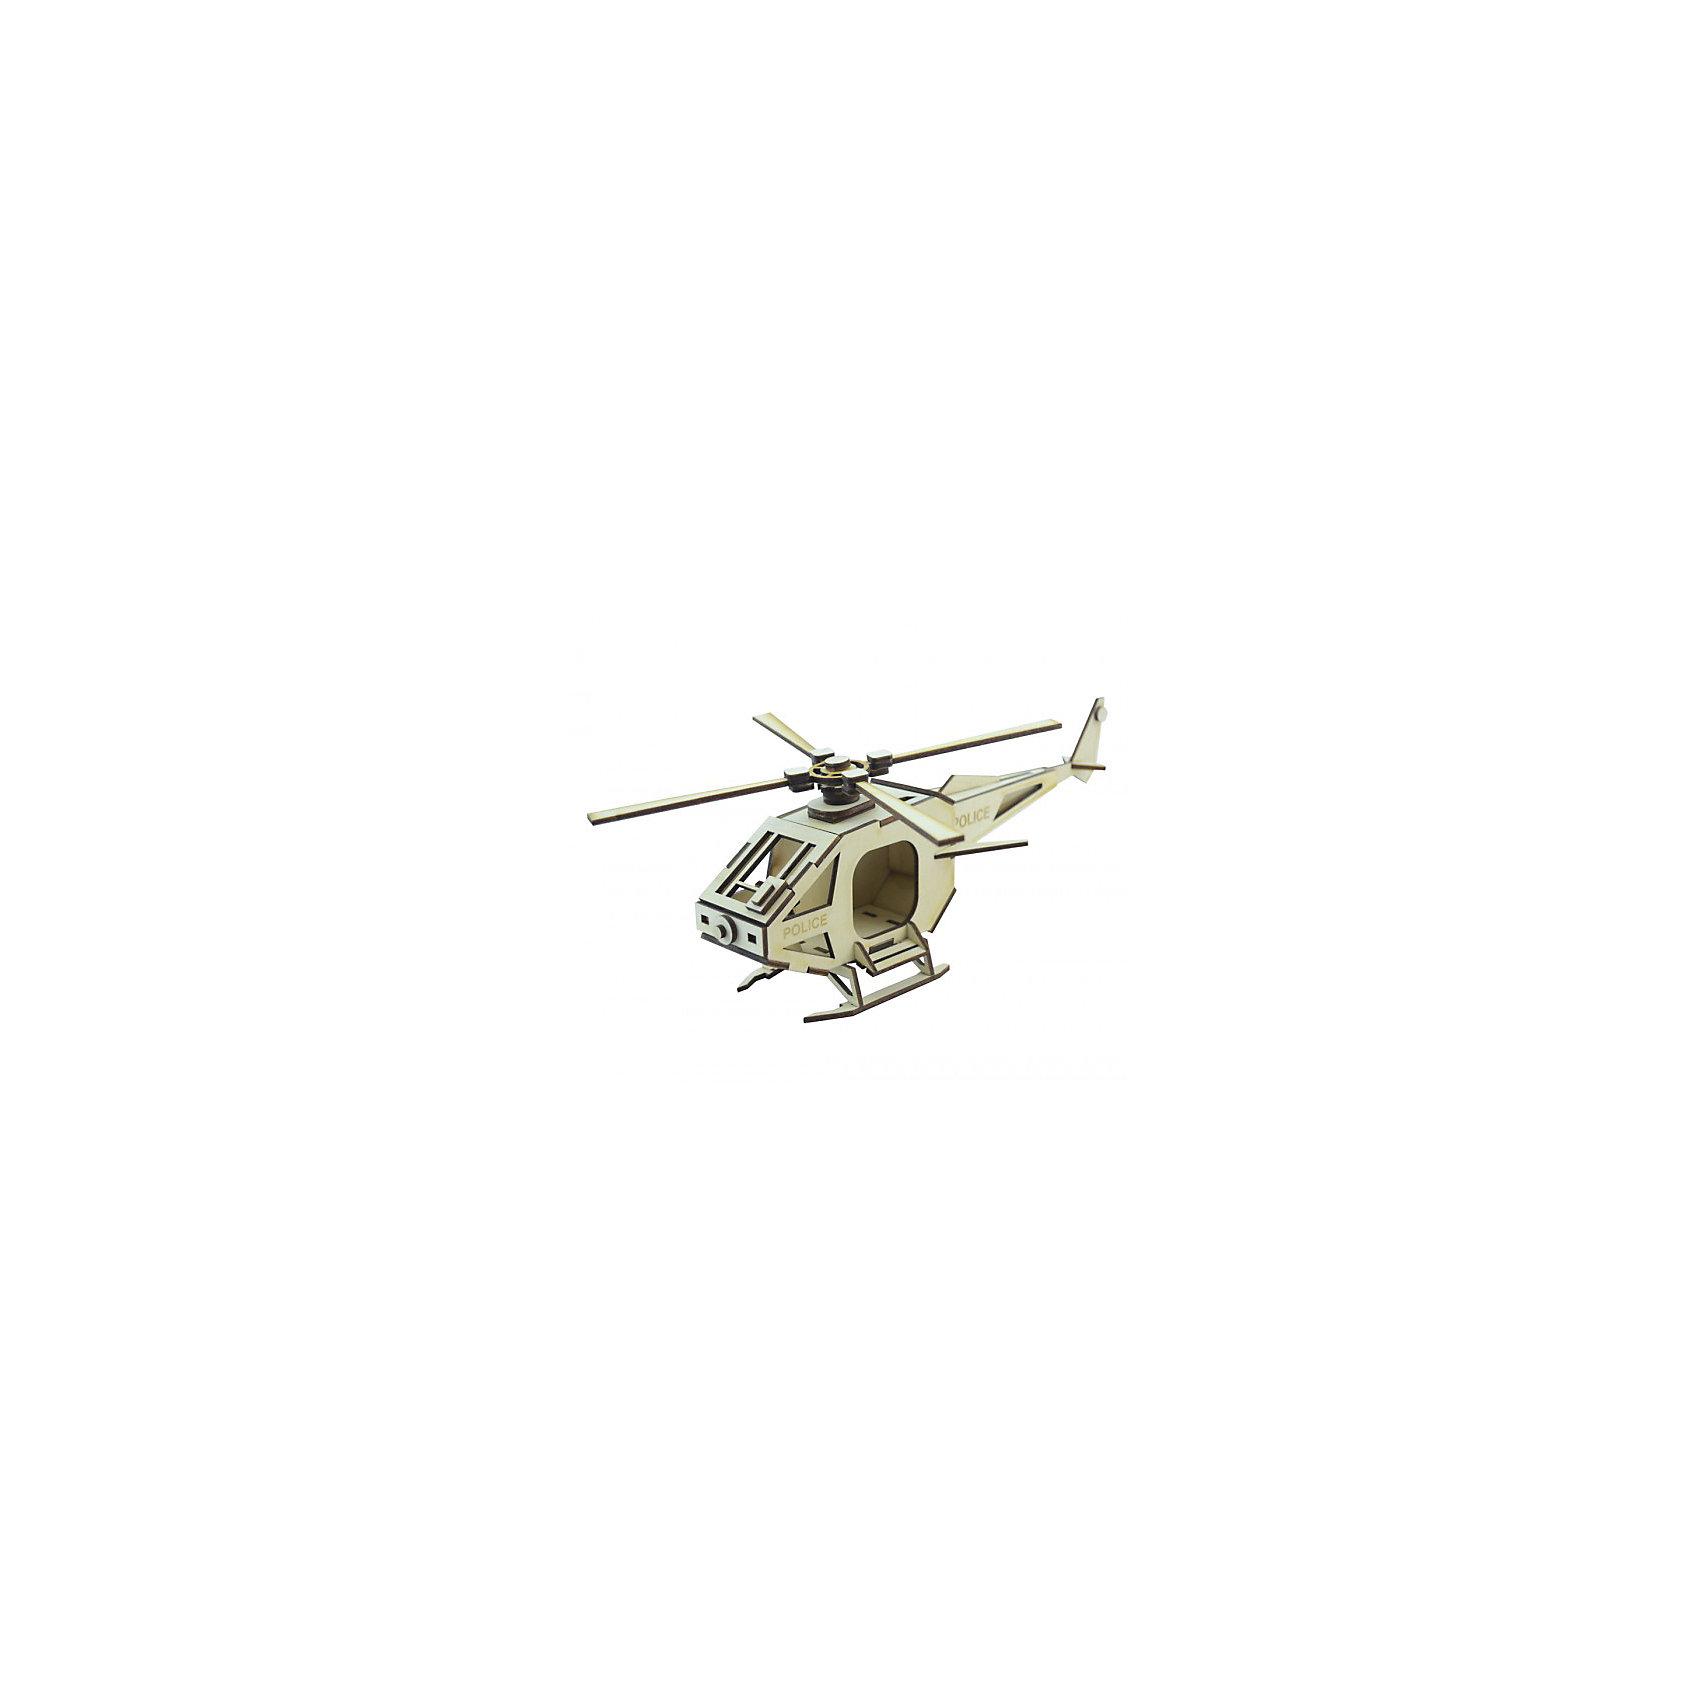 Деревянный  3D конструктор подвижный Вертолет Полиция, LemmoДеревянные модели<br>Характеристики товара:<br><br>• количество деталей: 47;<br>• в комплекте: детали, клей ПВА, наждачная бумага, инструкция;<br>• материал: дерево;<br>• размер упаковки: 11х22х27,5 см;<br>• вес: 150 грамм;<br>• возраст: от 5 лет.<br>• страна производства: Россия<br><br>Из деревянного 3D конструктора Lemmo юный строитель сможет самостоятельно собрать новую игрушку - полицейский вертолет. В набор входят 47 деталей для сборки, наждачная бумага, клей ПВА и инструкция. Детали изготовлены из экологически чистой древесины и отличаются приятным древесным запахом.<br><br>Готовая фигурка вертолета имеет подвижные детали, благодаря чему игры ребенка станут интереснее и разнообразнее. Игрушку можно окрасить гуашью или акриловыми красками. Игра с 3D конструктором хорошо развивает предметное моделирование, пространственное мышление, моторику рук и усидчивость.<br><br>Деревянный  3D конструктор подвижный Вертолет Полиция, Lemmo (Леммо) можно купить в нашем интернет-магазине.<br><br>Ширина мм: 275<br>Глубина мм: 220<br>Высота мм: 110<br>Вес г: 150<br>Возраст от месяцев: 60<br>Возраст до месяцев: 2147483647<br>Пол: Унисекс<br>Возраст: Детский<br>SKU: 6918928